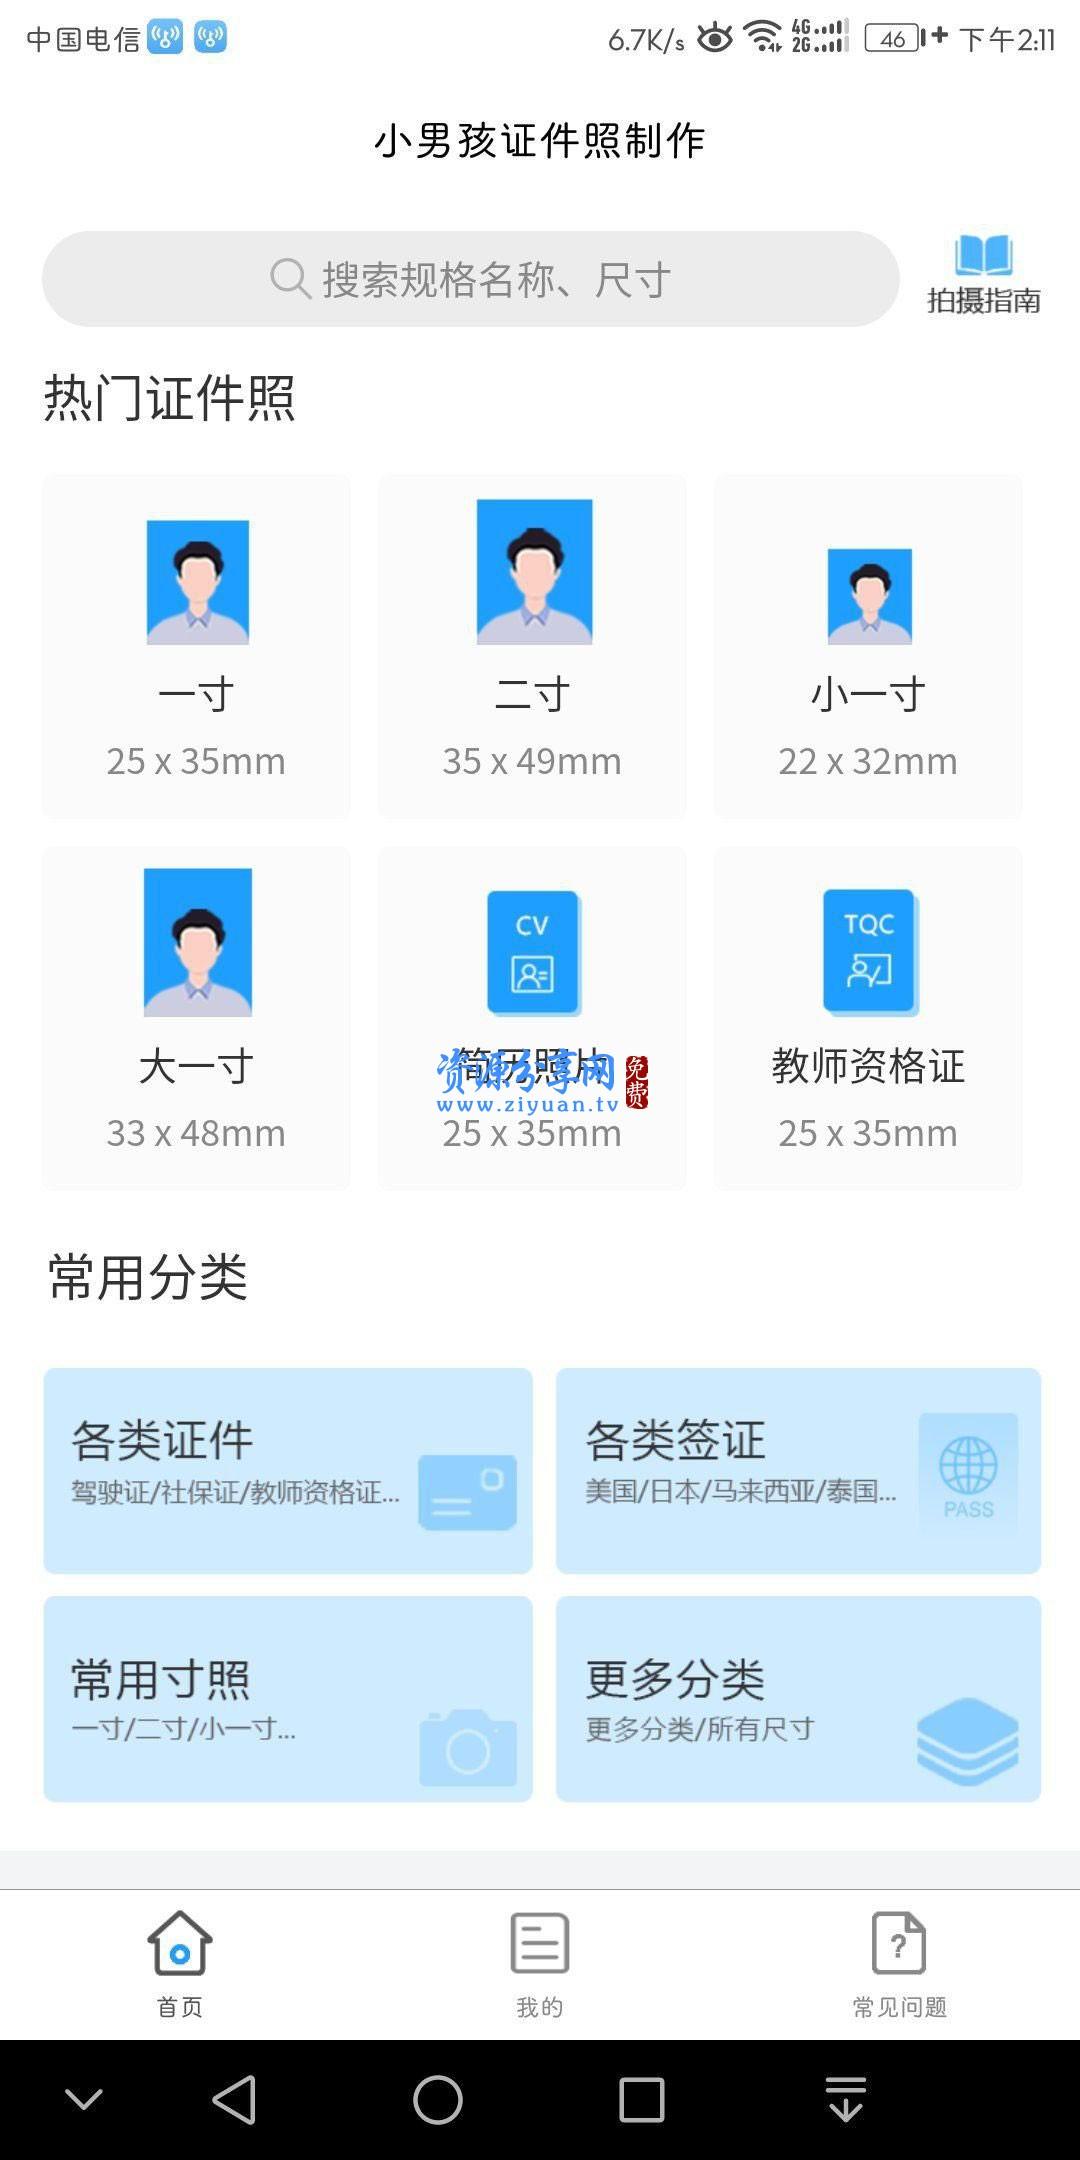 小男孩證件照制作 支持 500 多個證件照免費制作 一鍵換背景色自動排版自動美顏